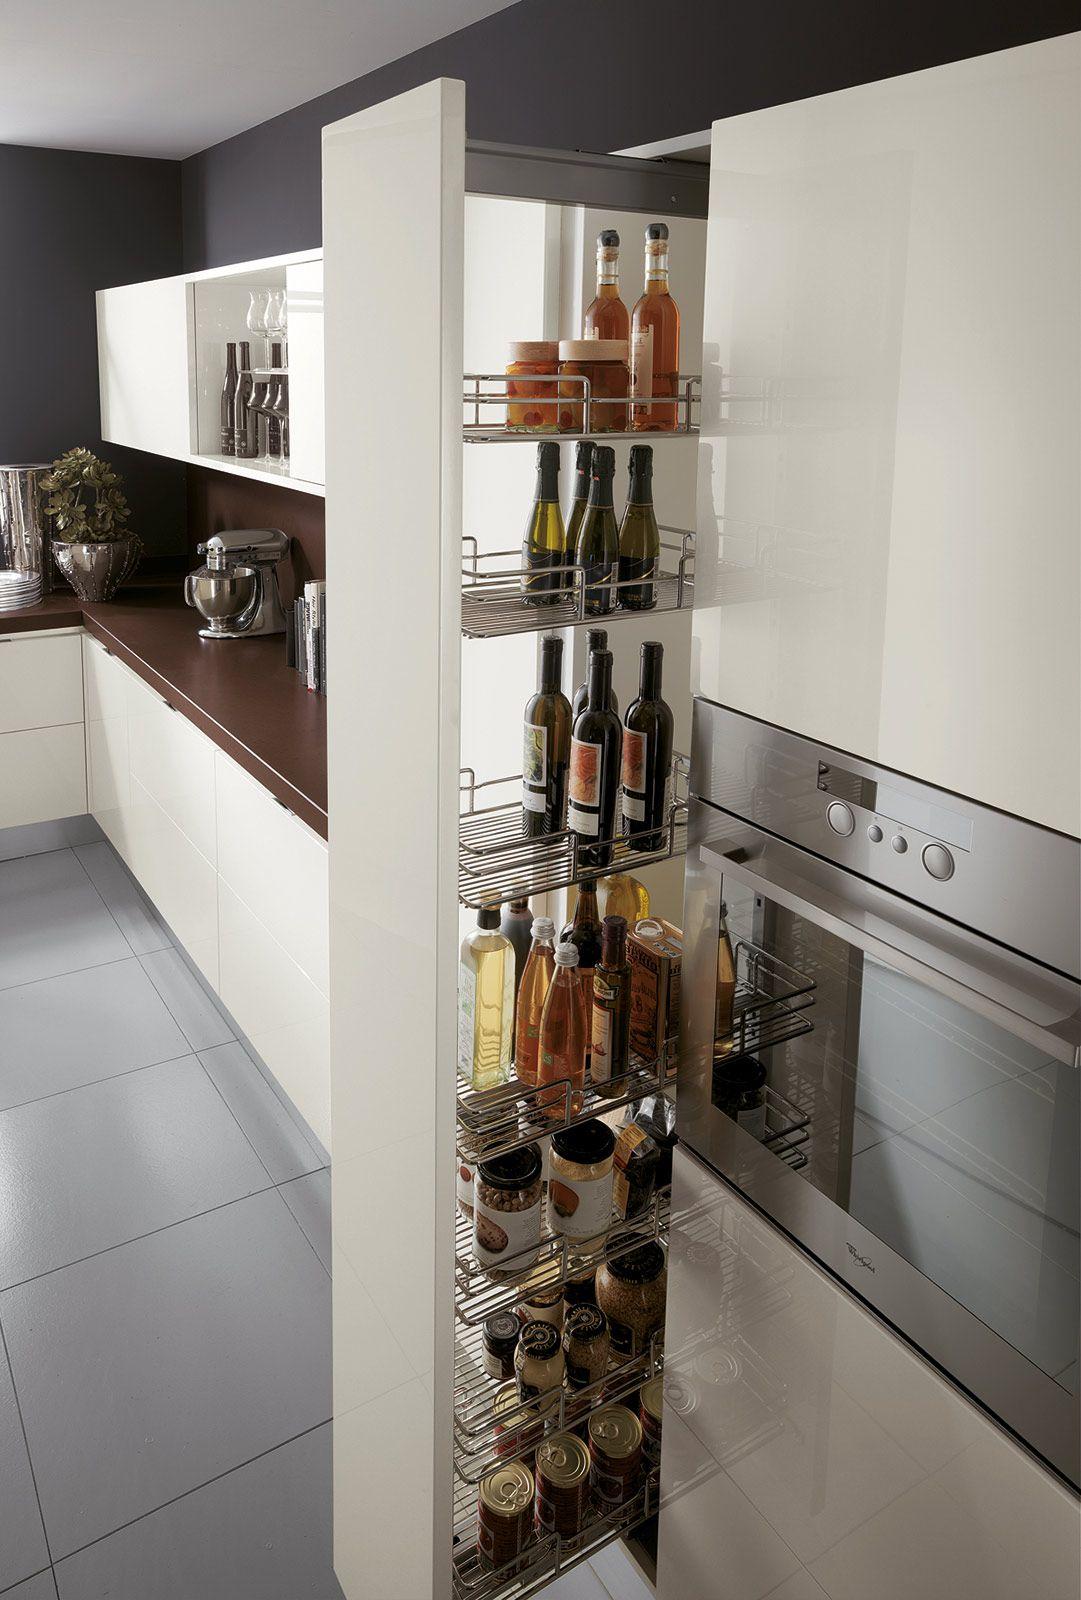 Cucina che moduli scelgo per la dispensa kitchens pinterest kitchens kitchen design and - Moduli componibili cucina ...